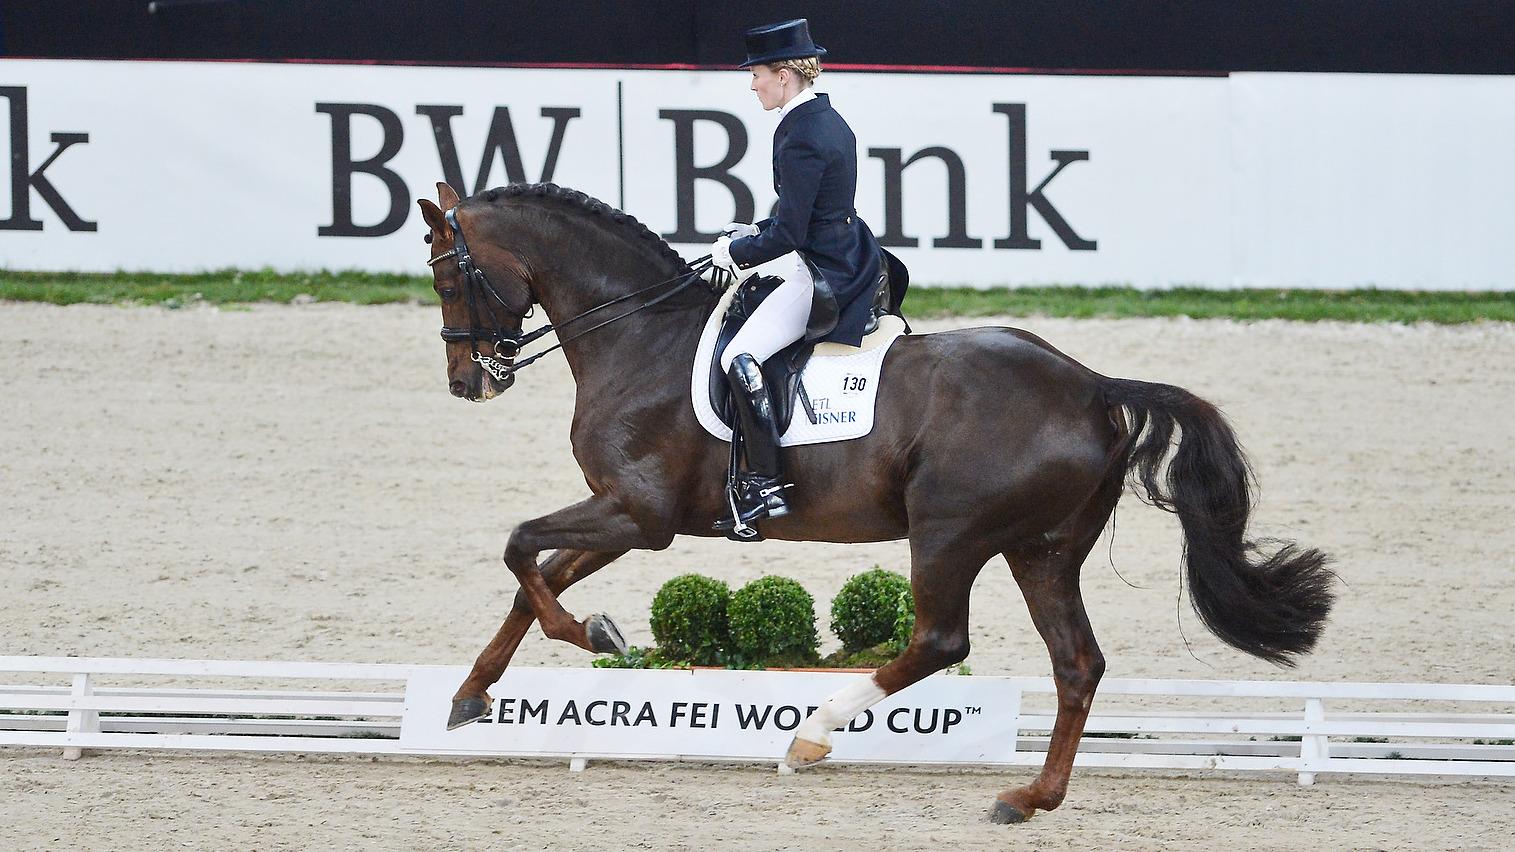 WB Stuttgart: Persoonlijk record Helen Langehanenberg